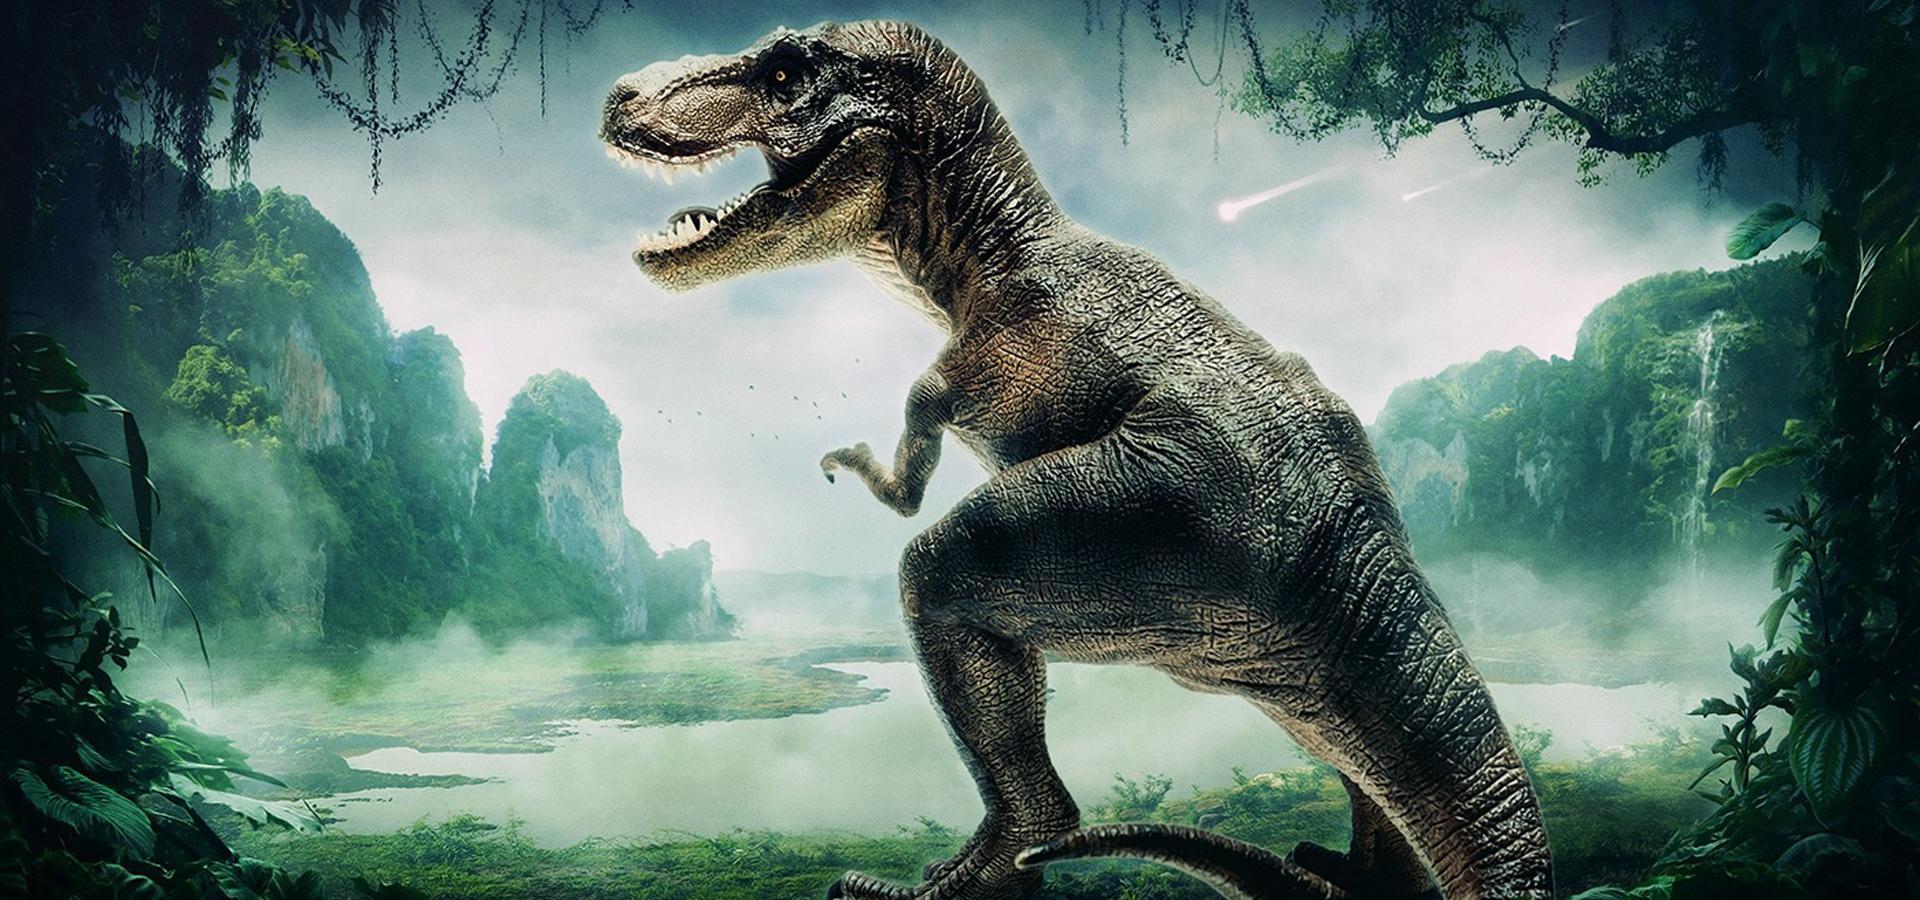 l u00e9zard dinosaure de la faune wild contexte zoo de l u0026 39 eau dangereux image de fond pour le